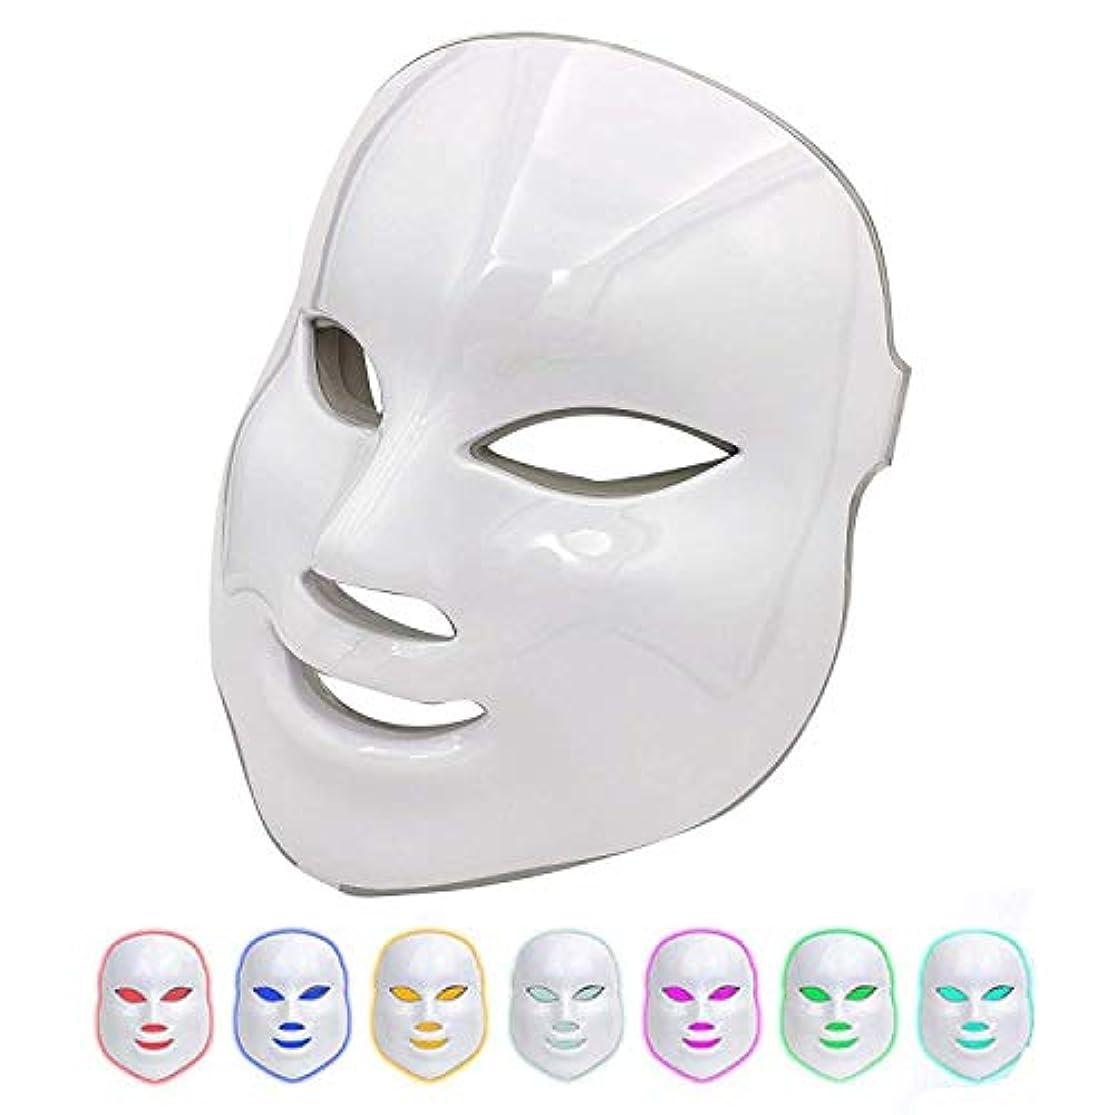 記録絶え間ない人美容マスク7色ledライト光子療法にきび跡除去アンチエイジング肌の若返りフェイシャルケアフェイシャルトーンデバイス